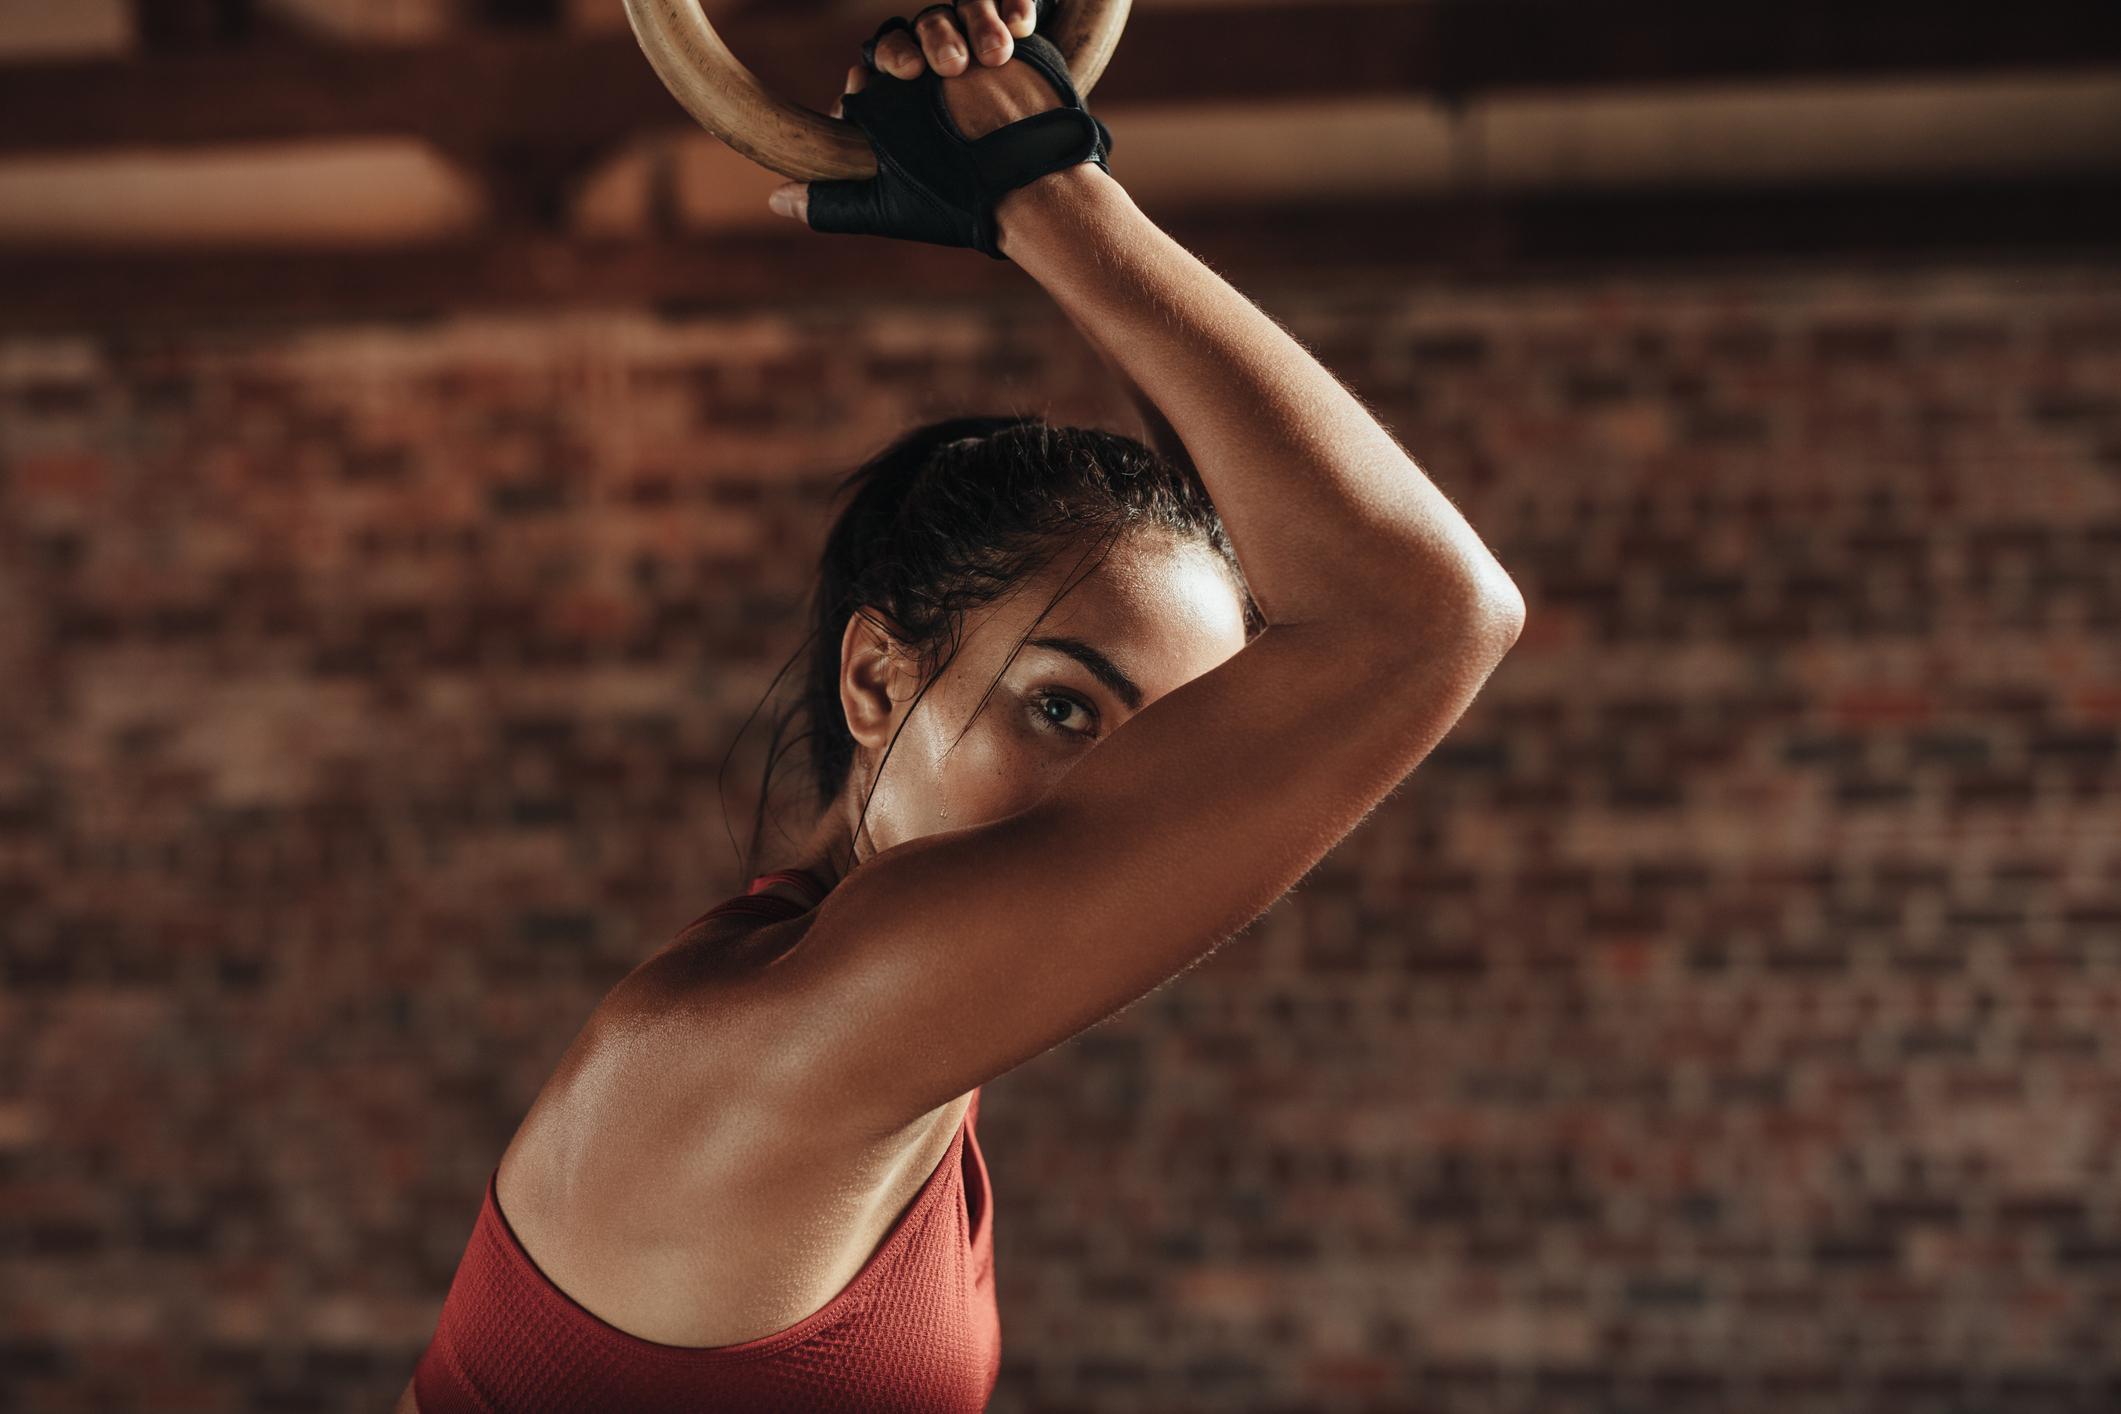 Preteški ljudi u povećanom su riziku od razvoja i bolesti jetre i dijabetesa. Nužno je vježbanje i redukcija tjelesne težine.